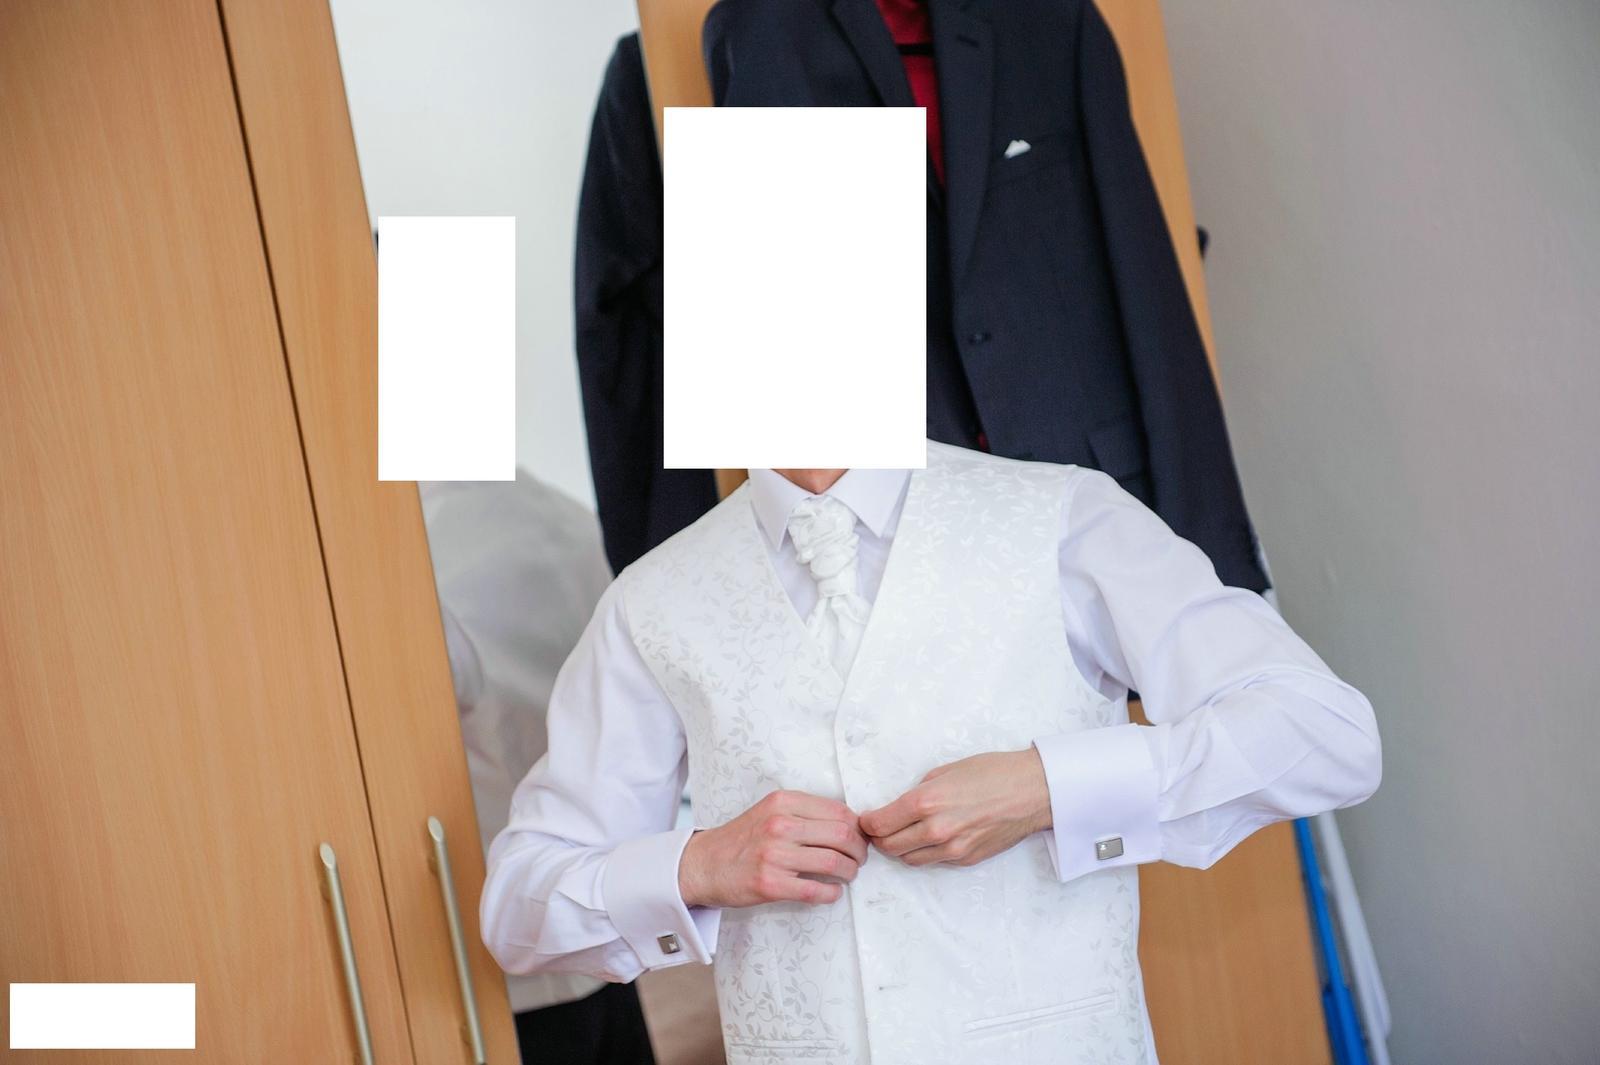 svadobná vesta, kravata a záložka  - Obrázok č. 3